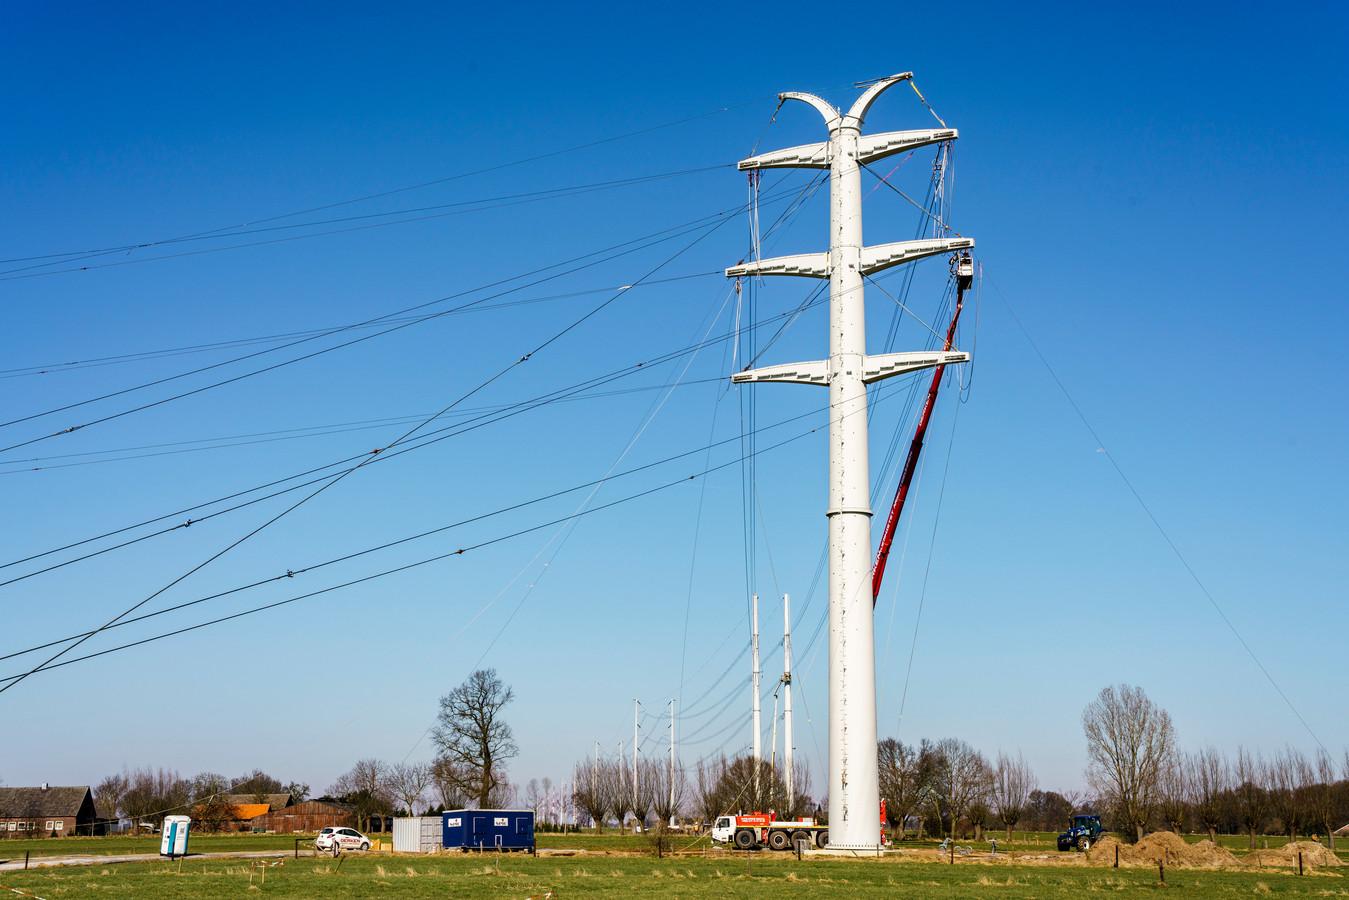 De 380 kV-hoogspanningsleiding Doetinchem-Wesel op het punt waar deze de grens met Duitsland passeert.